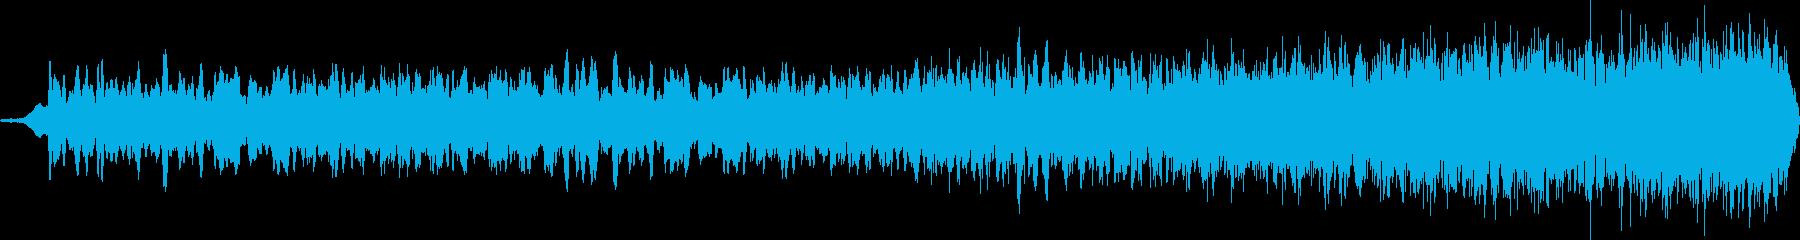 暗闇でのスペイシーな音 ロングバージョンの再生済みの波形